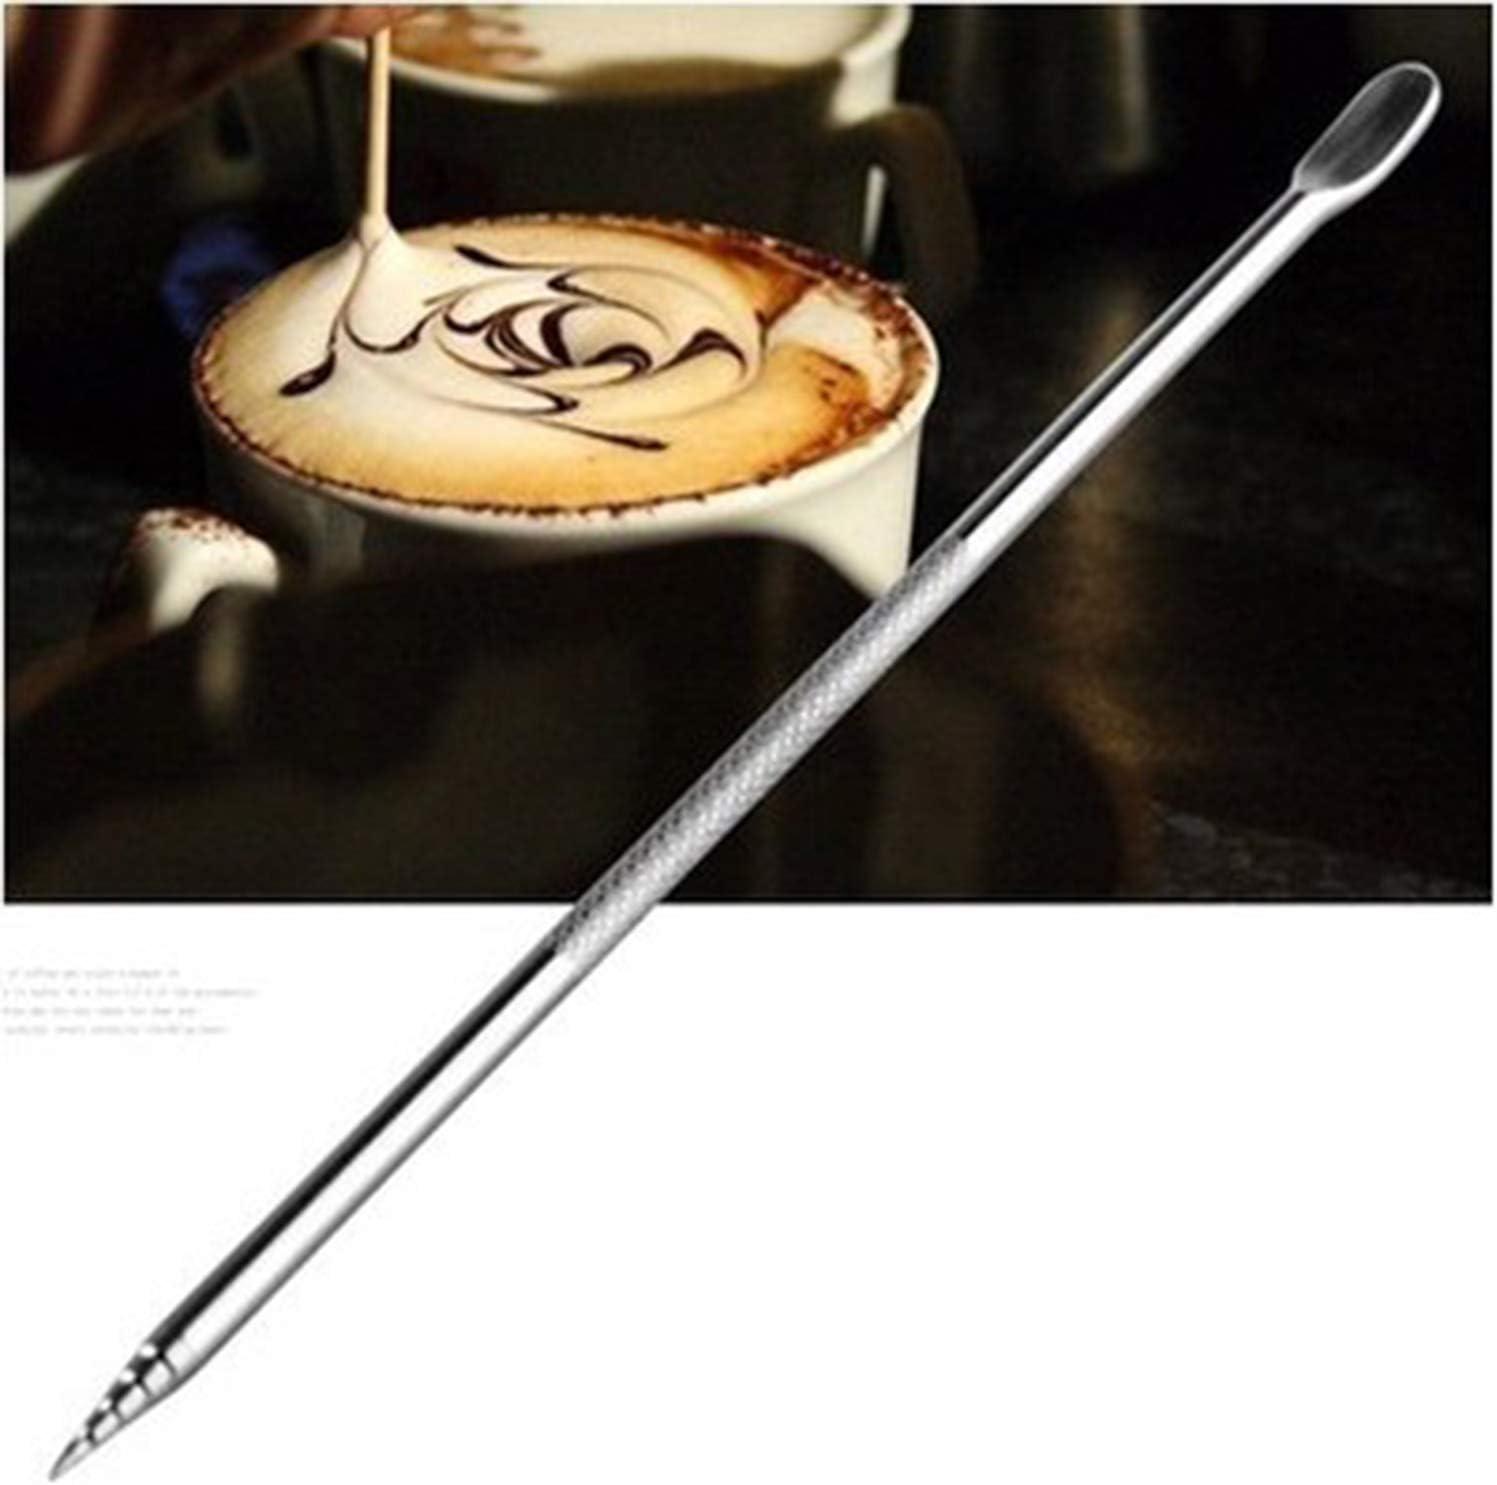 alfiler de flor de capuchino Aguja de palo tallada de caf/é de acero inoxidable aguja de dibujo elegante DIY bol/ígrafo art/ístico de caf/é de ganchillo